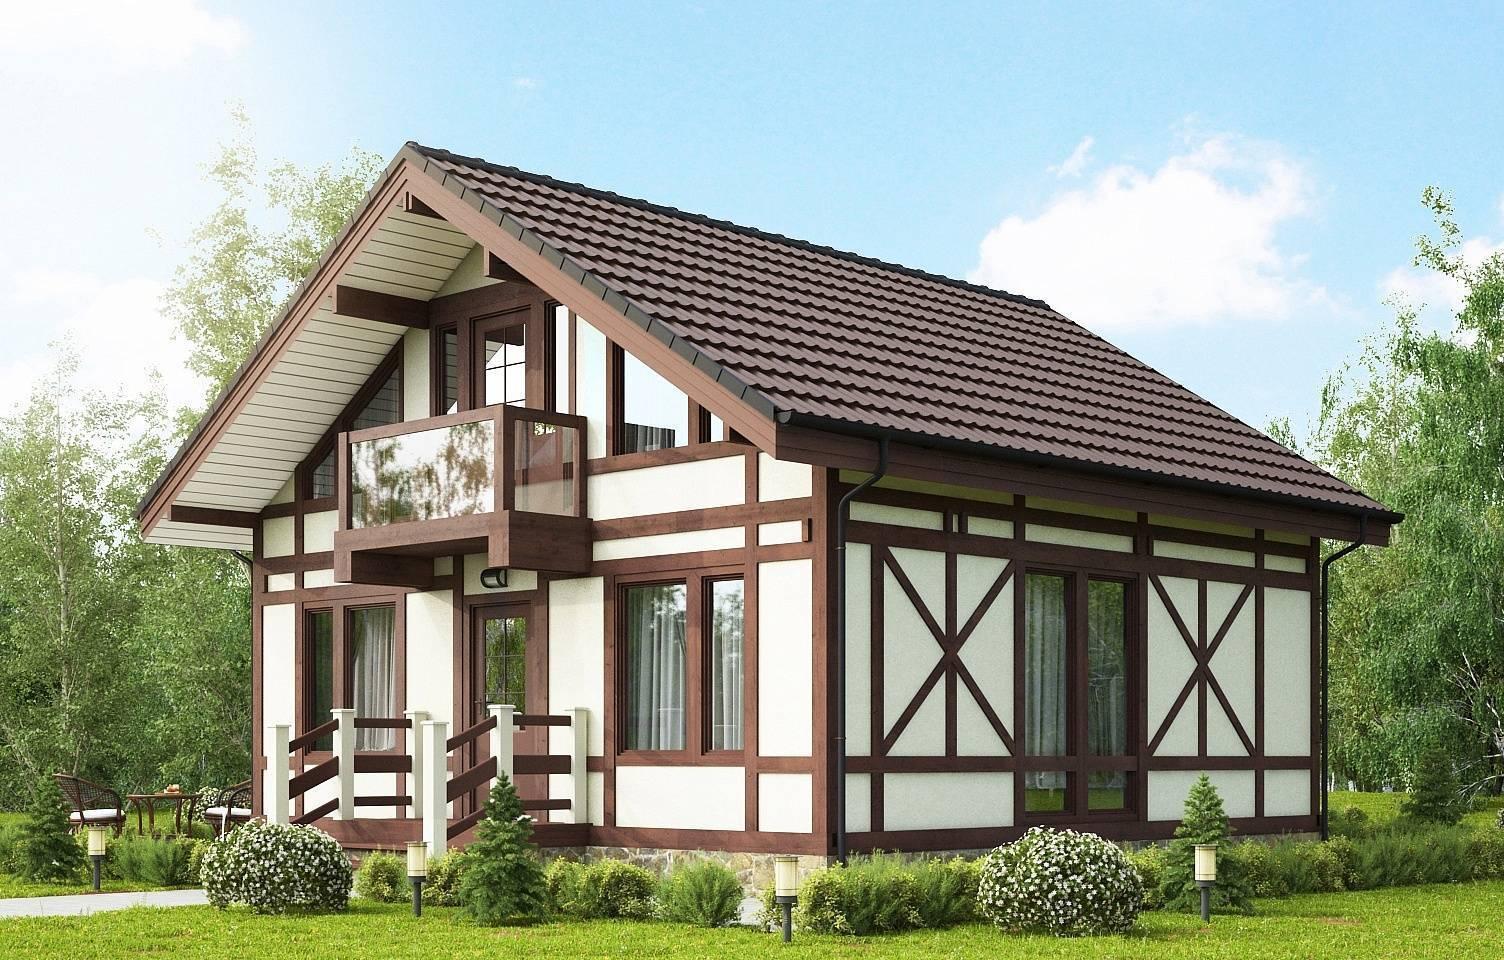 Плюсы и минусы строительства каркасных домов в стиле фахверк |